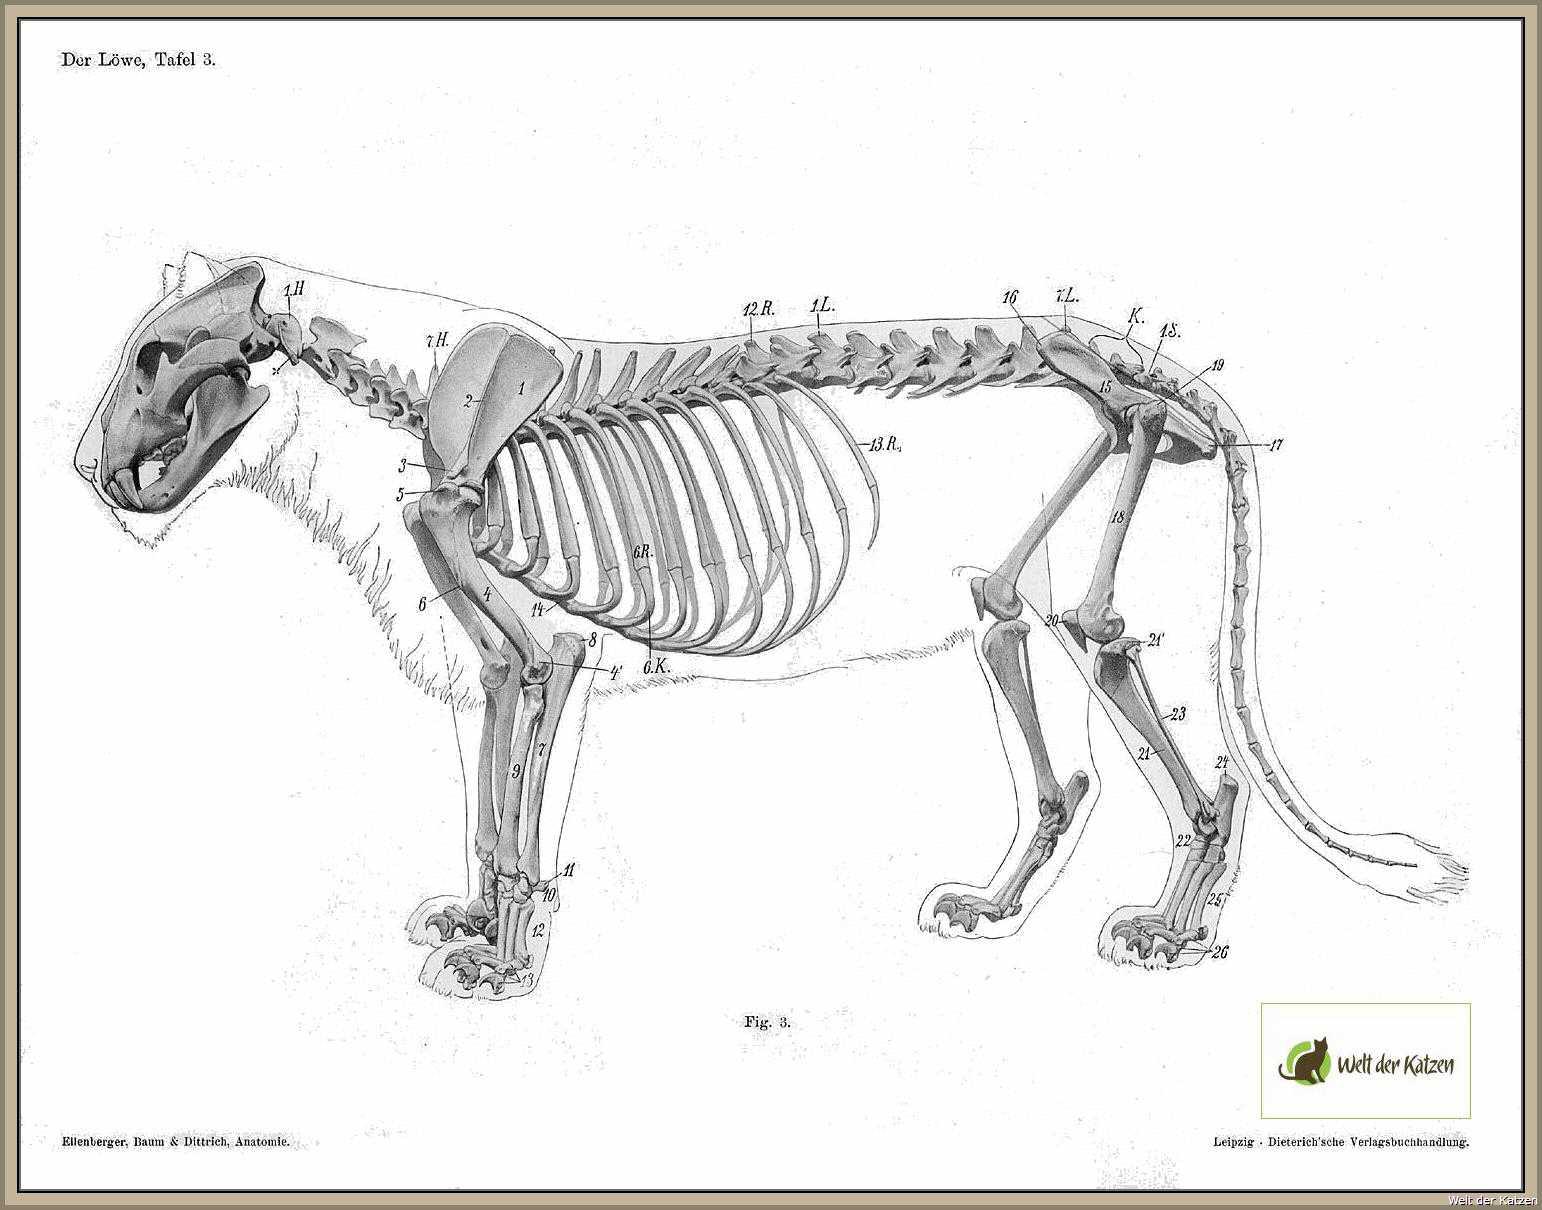 Welt der Katzen - Medizin | Katzenfakten | Skelett